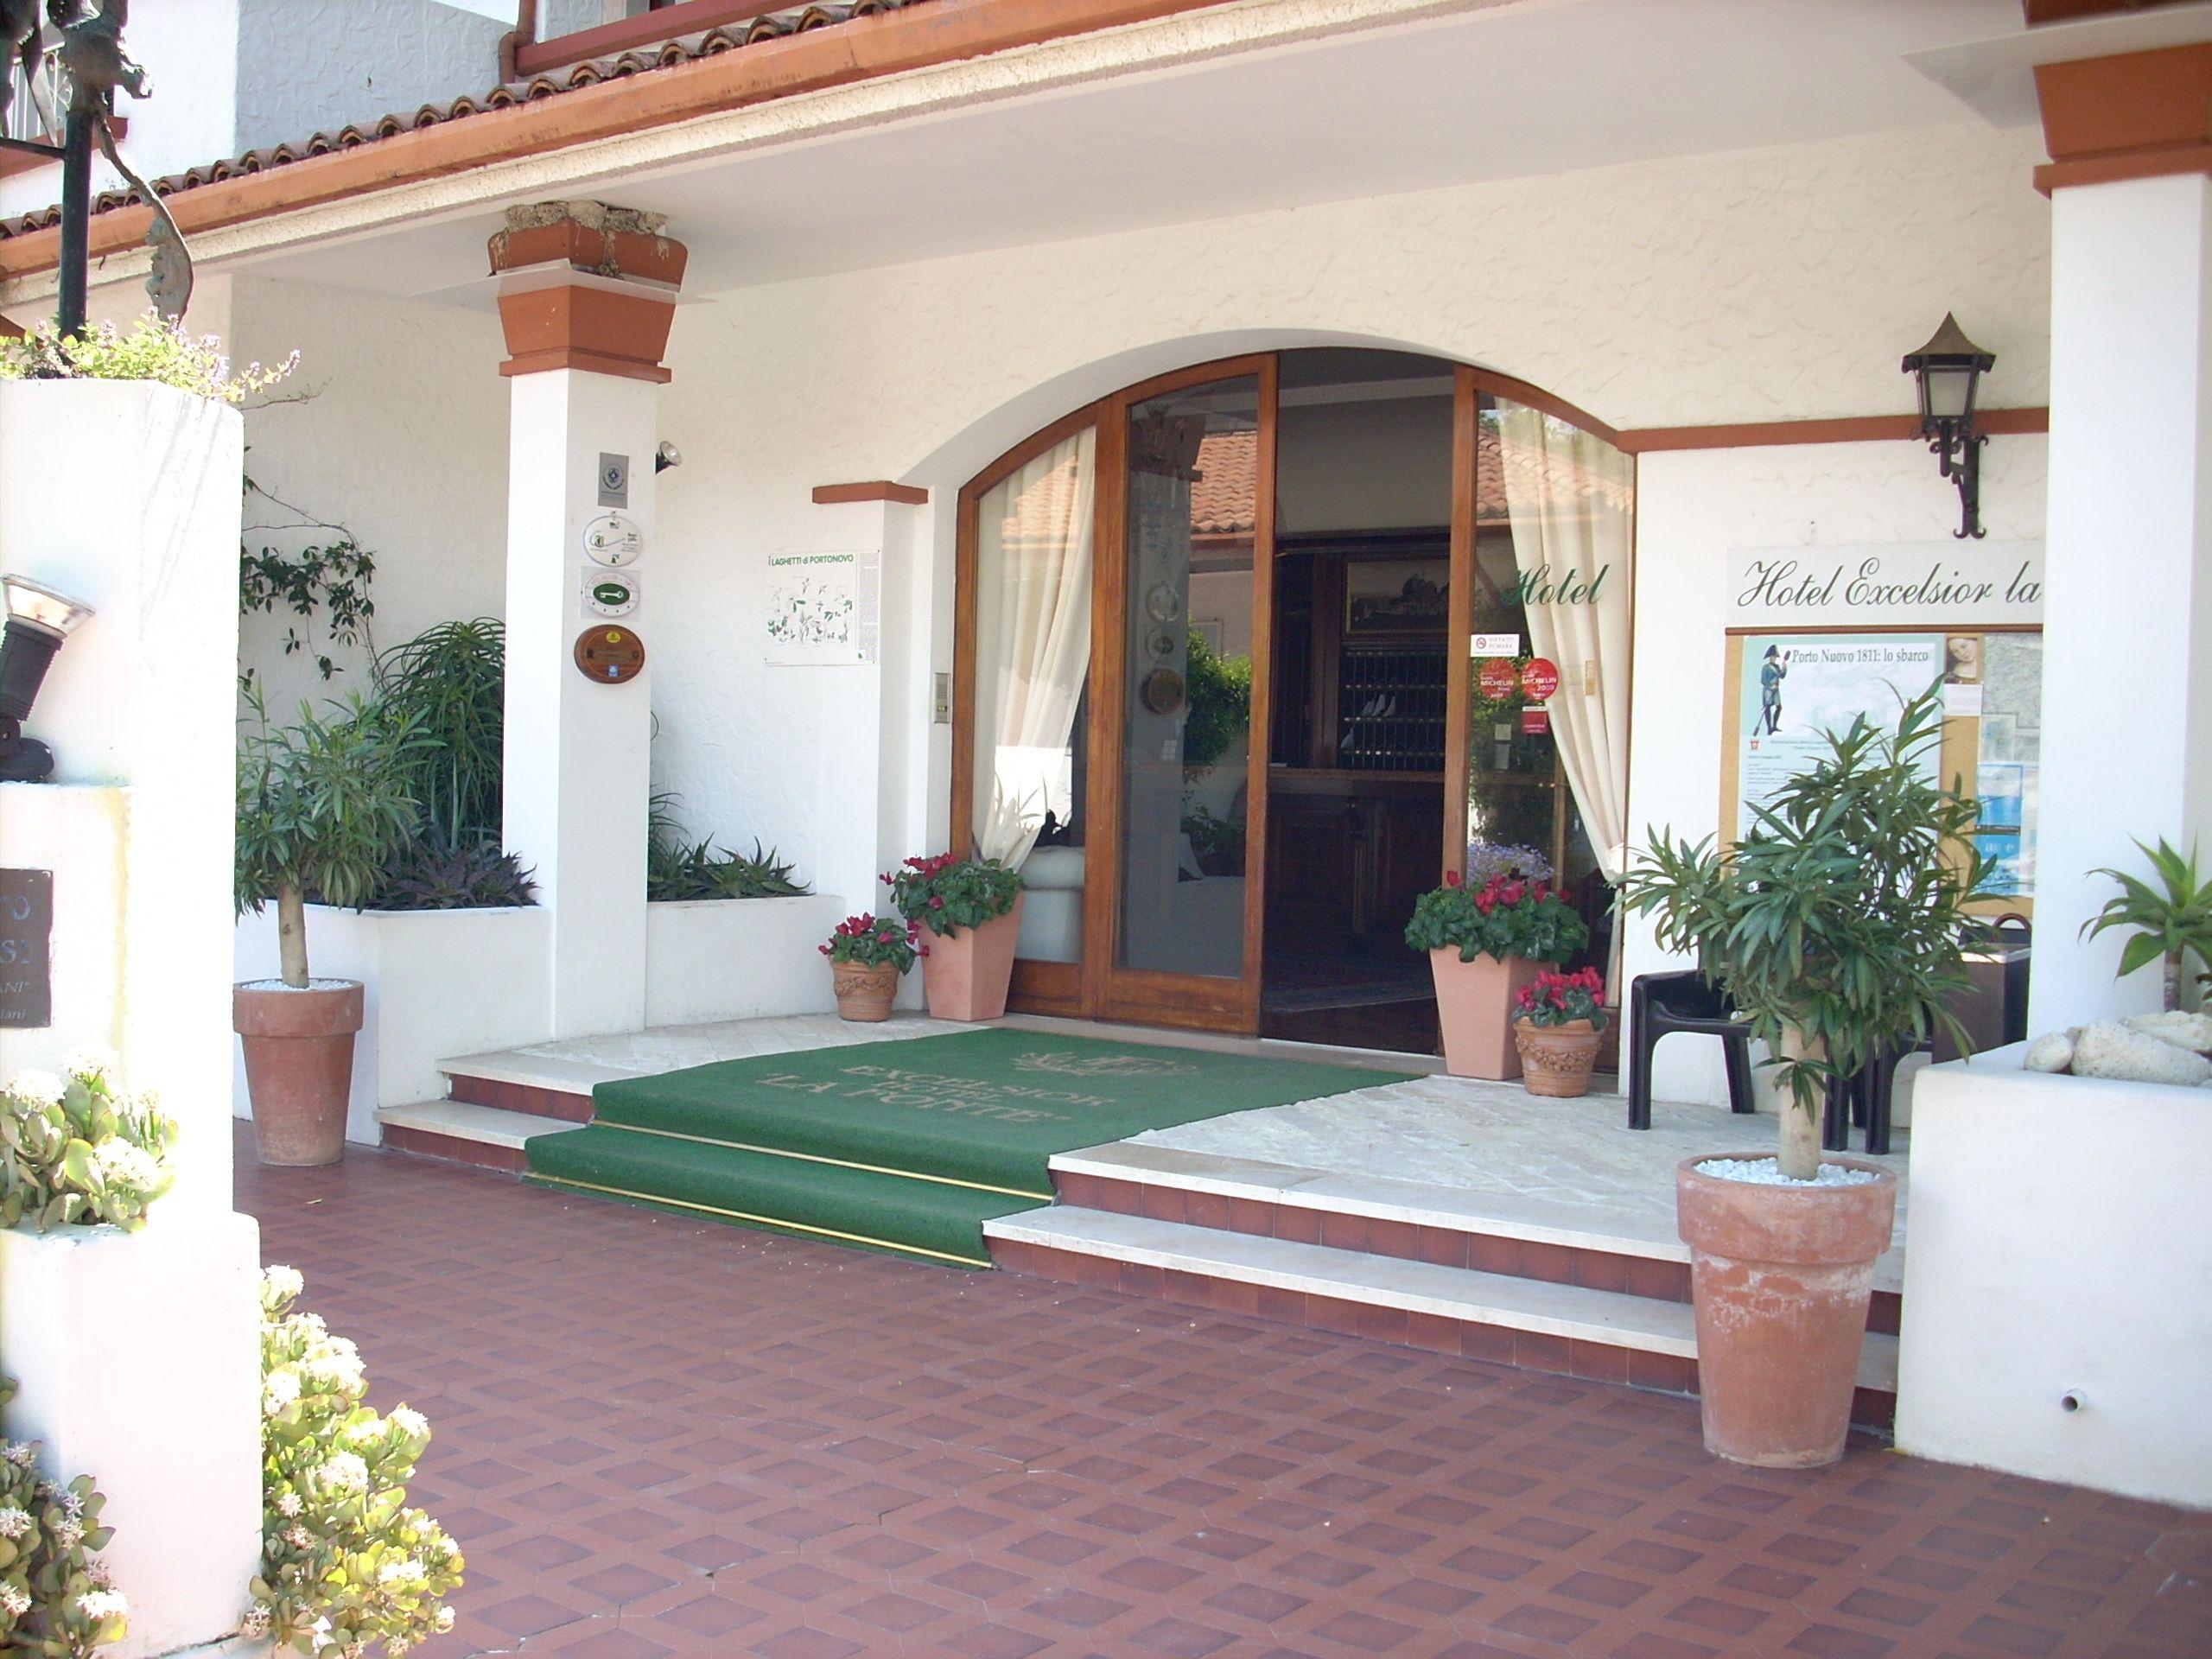 ingresso dell'hotel la fonte